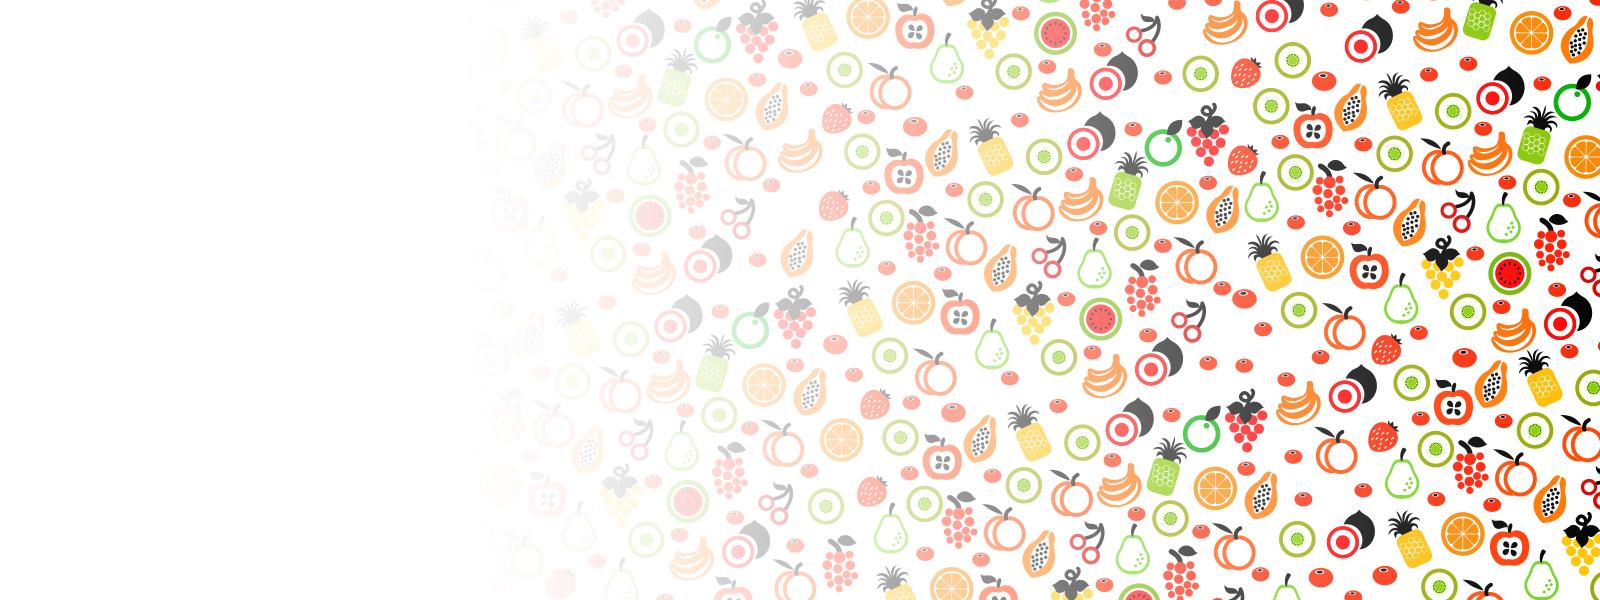 La fraisonnée